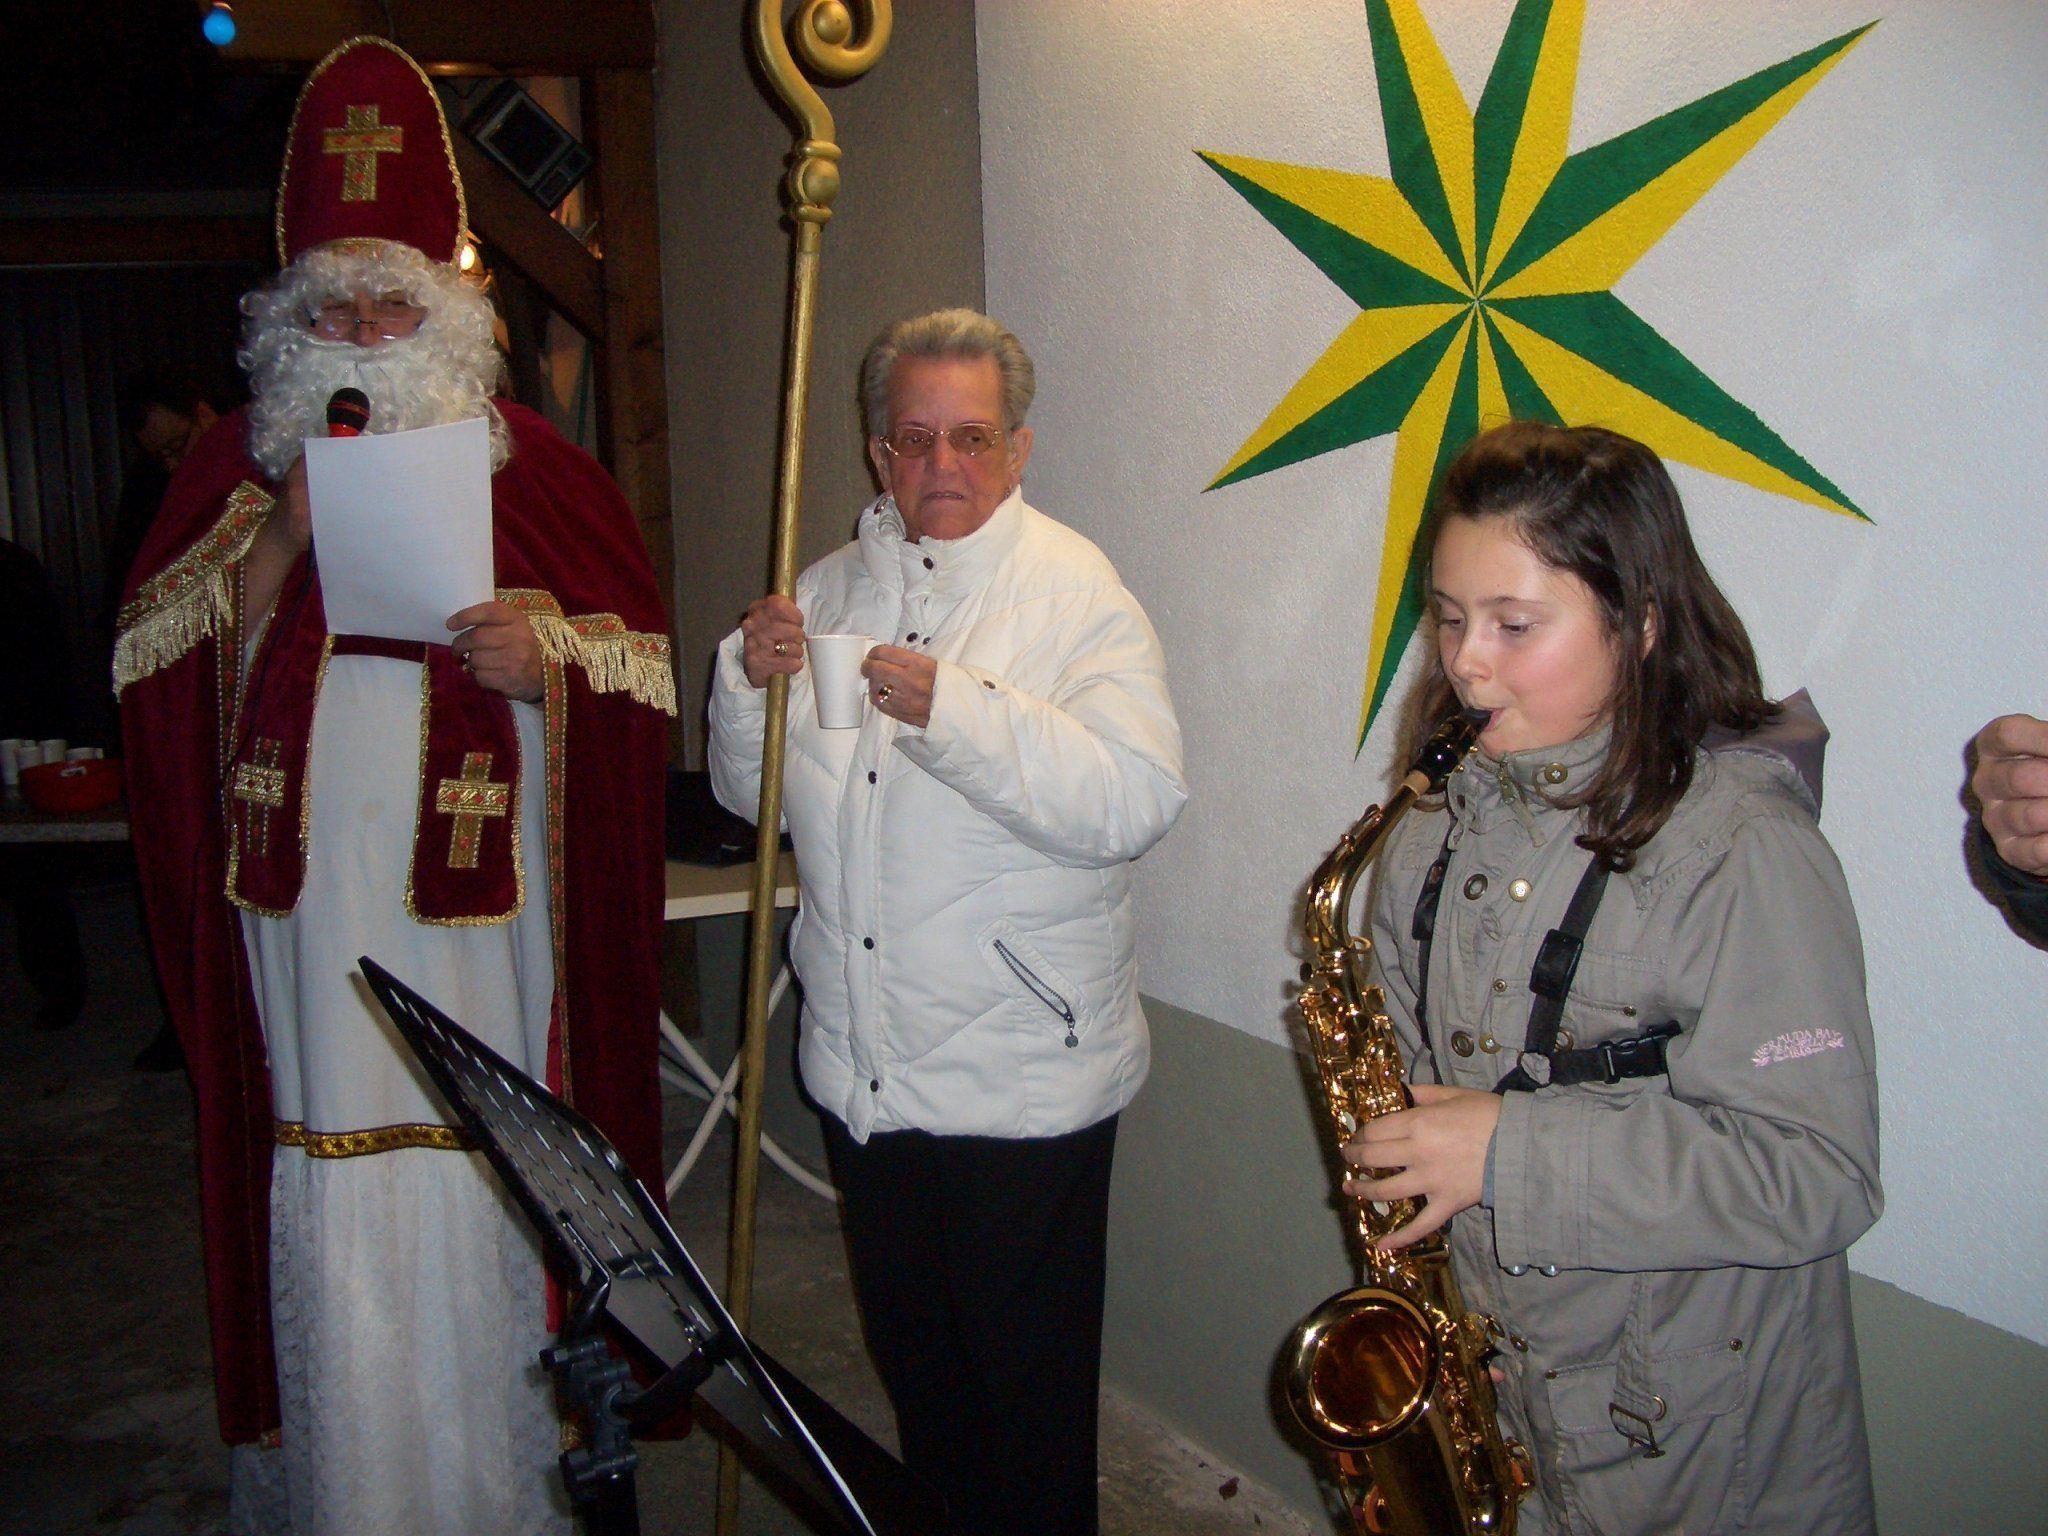 St. Nikolaus wurde von Tamara musikalisch begrüßt.